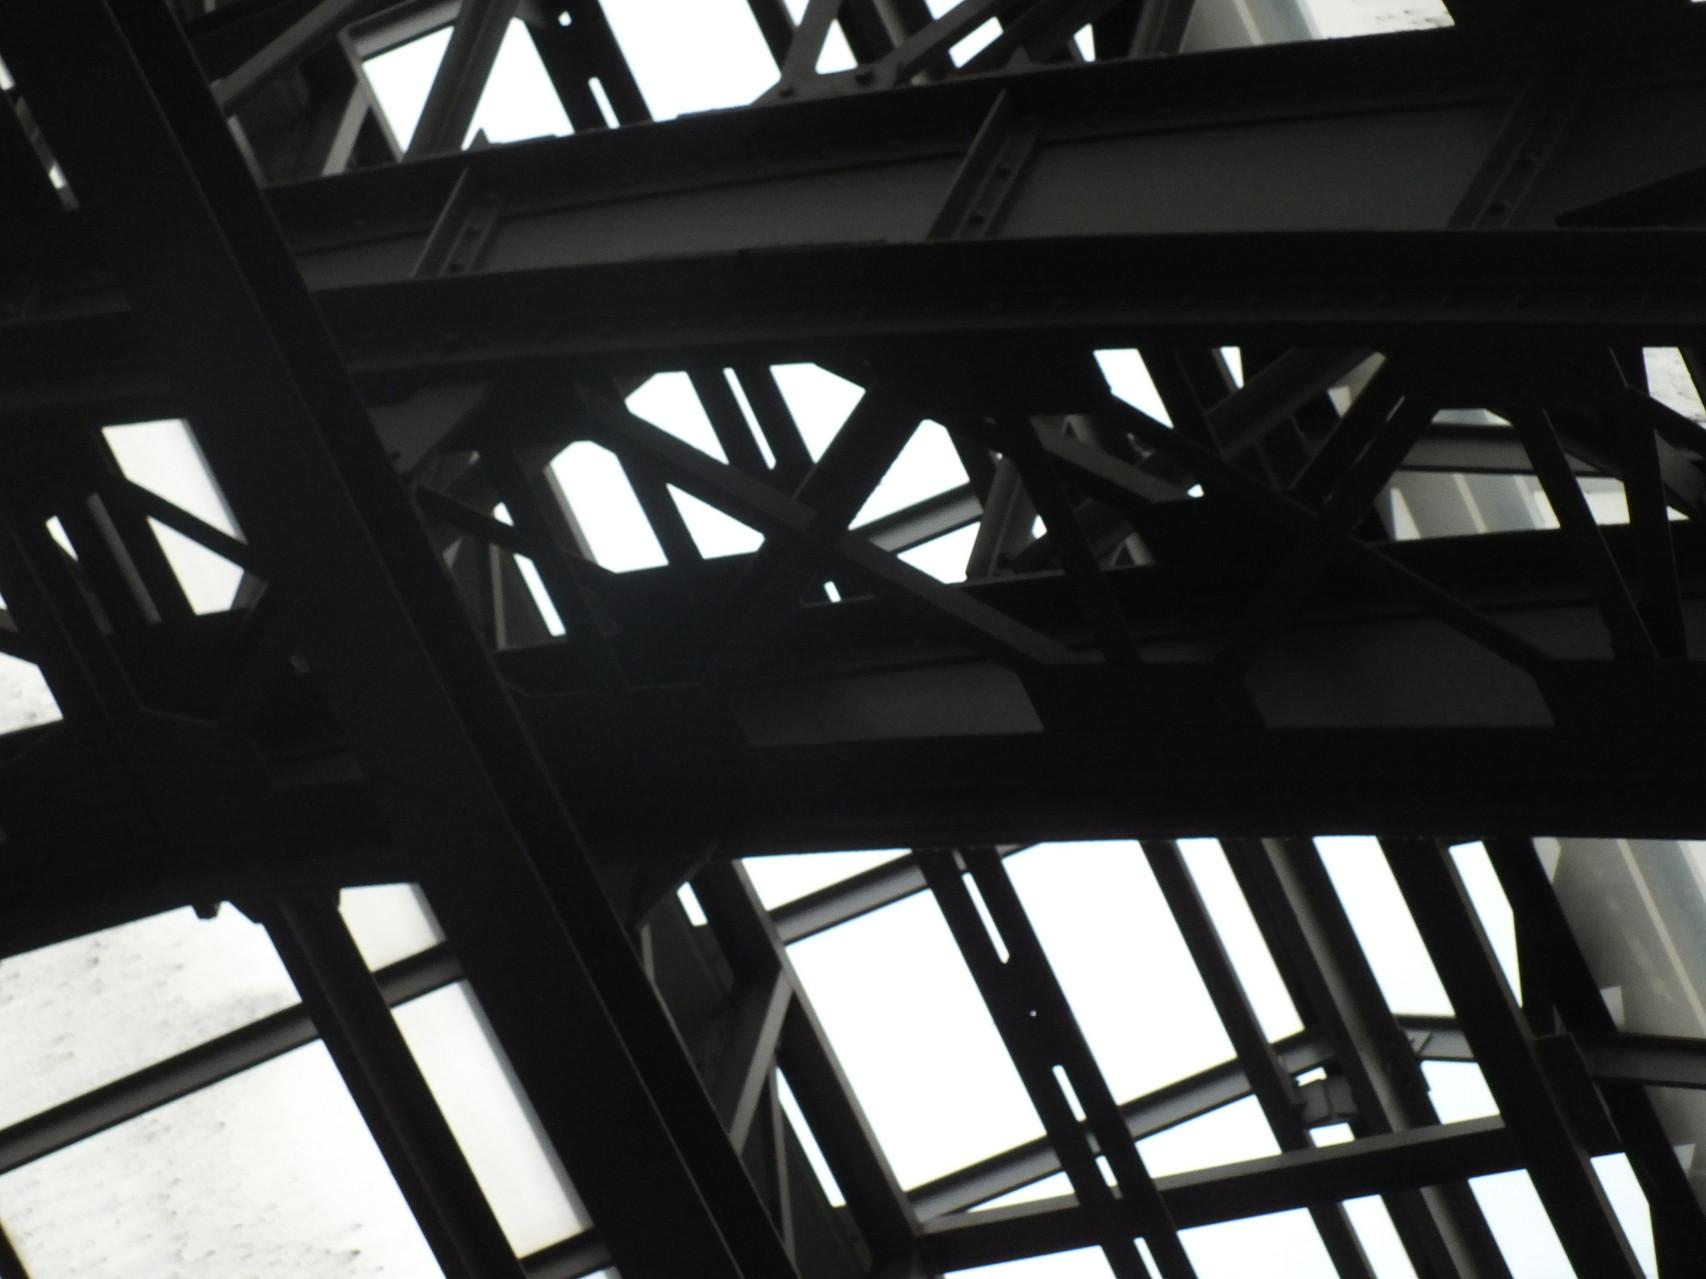 Dachkonstruktion der Halle